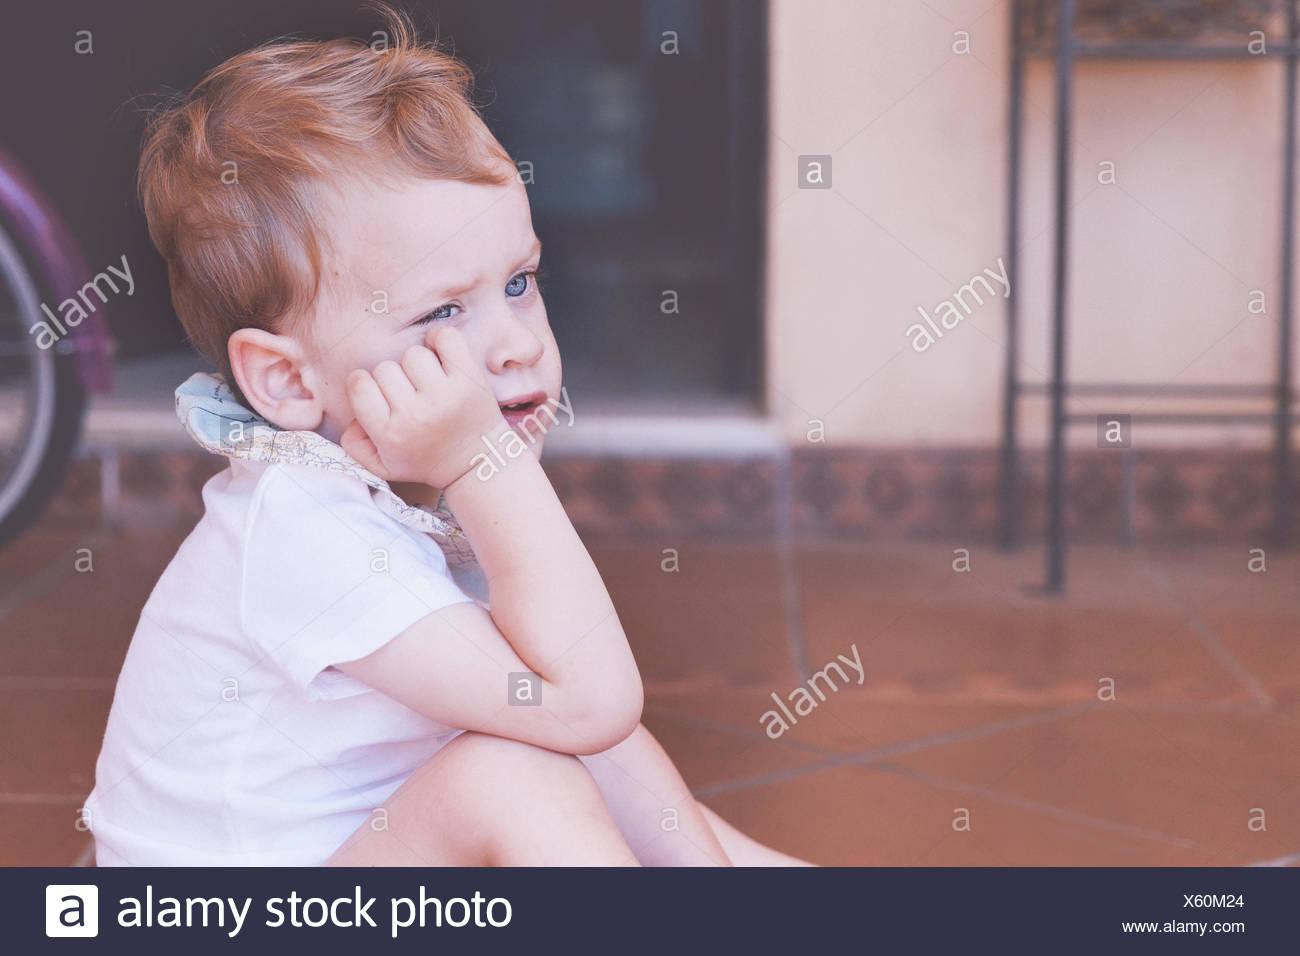 Ragazzo seduto sul pavimento con la mano sul mento Immagini Stock